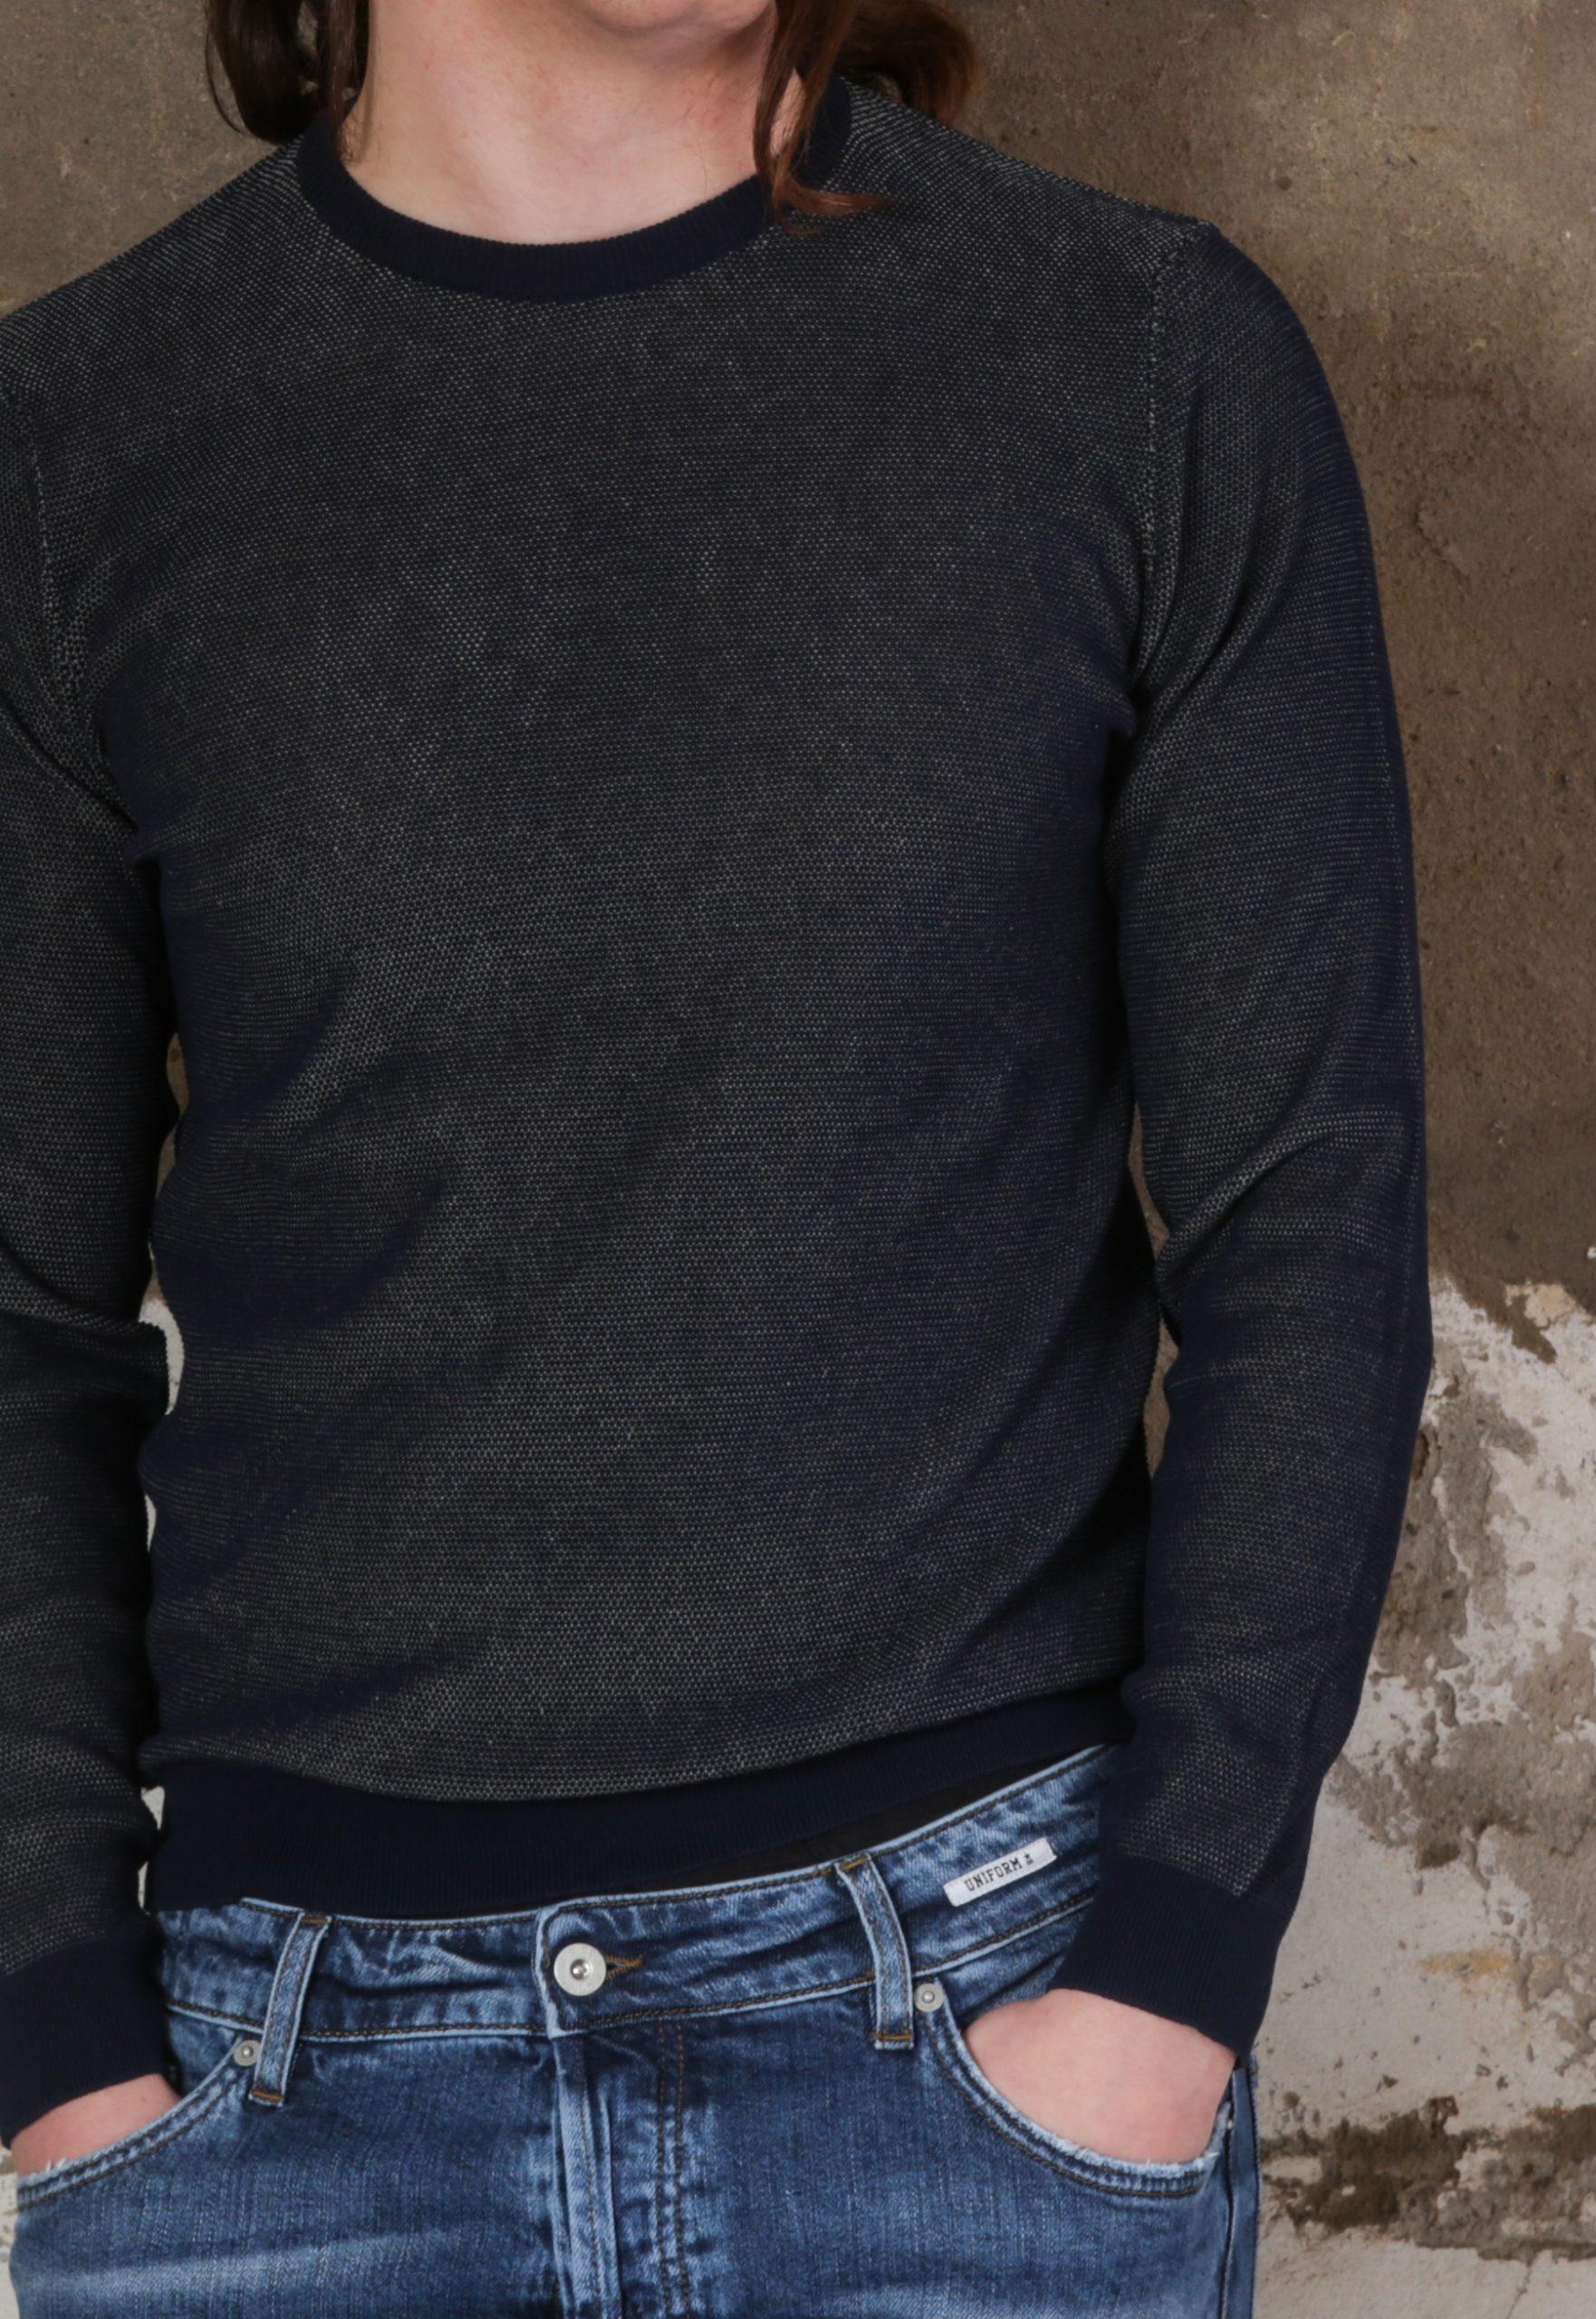 maglie-pullover-uomo-vendita-online